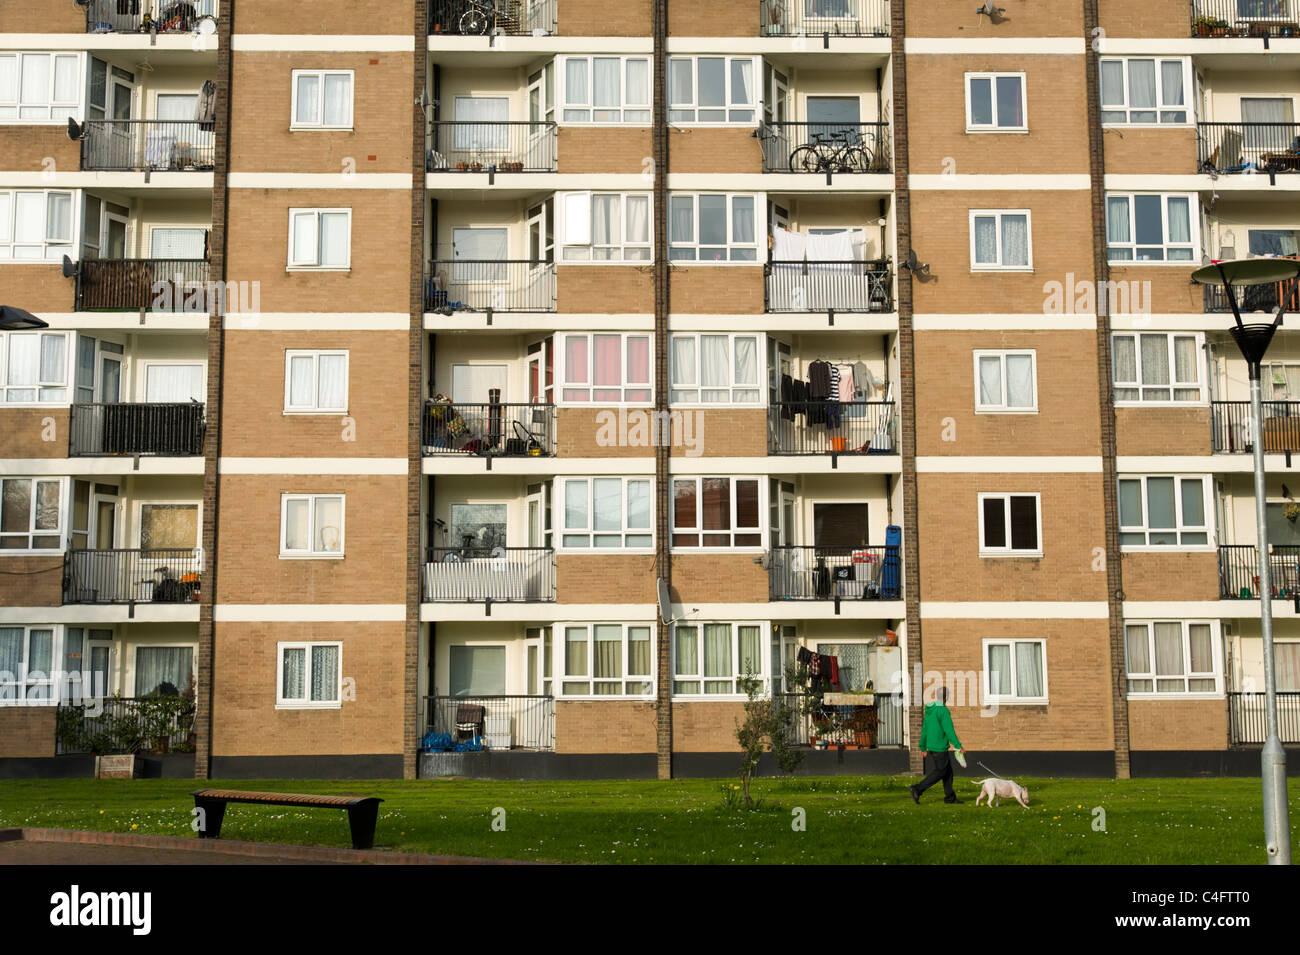 Conseil de bloc appartements, Hackney, Londres, UK Banque D'Images